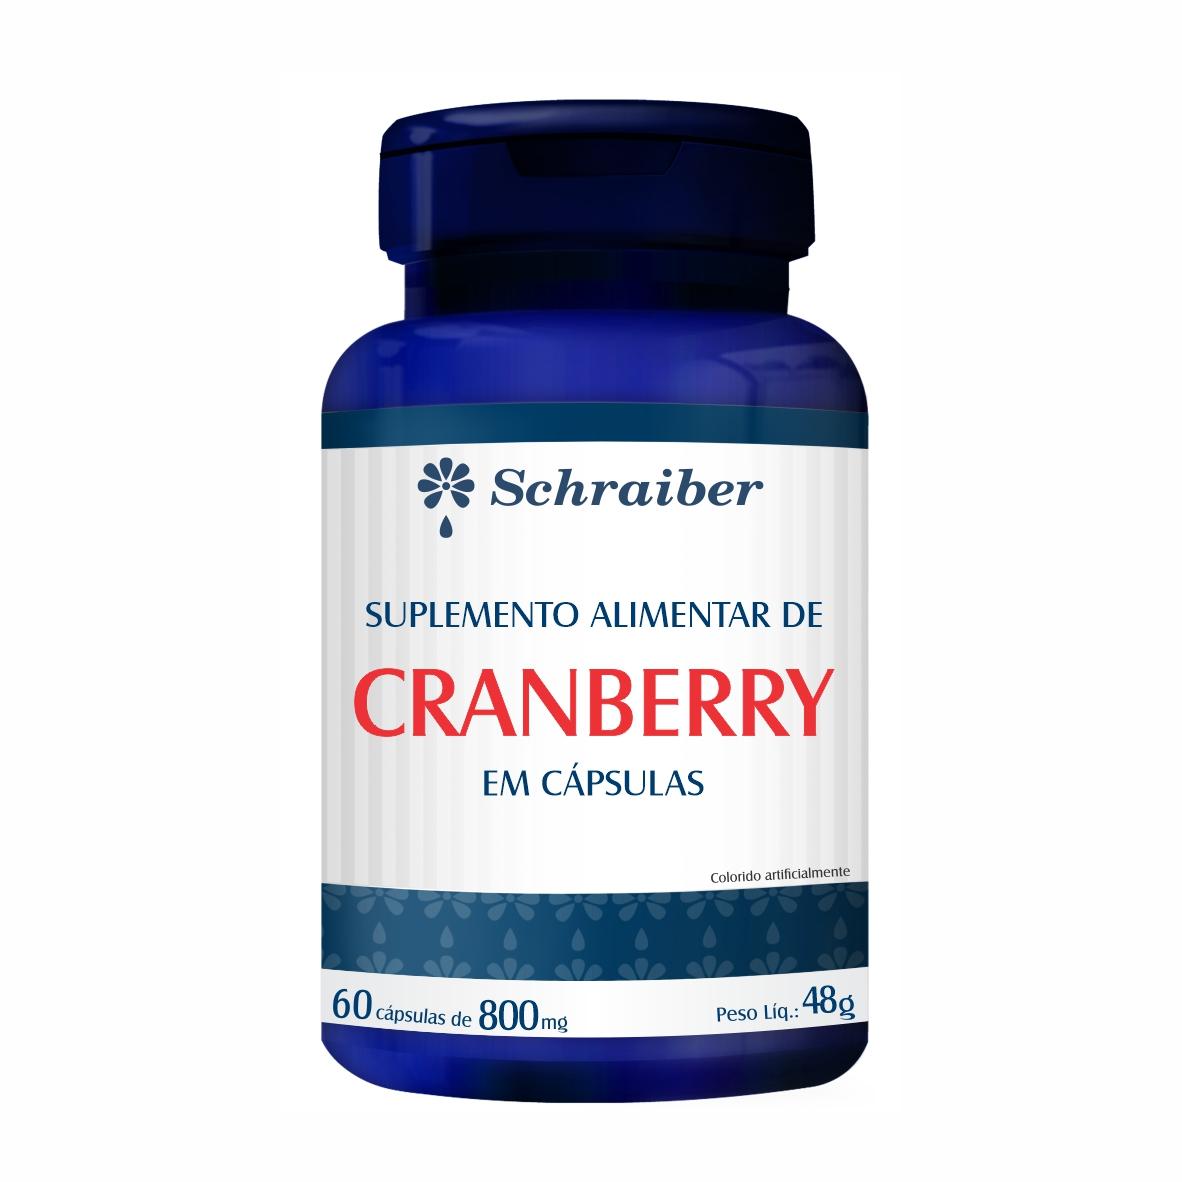 Cranberry em Capsulas 800mg